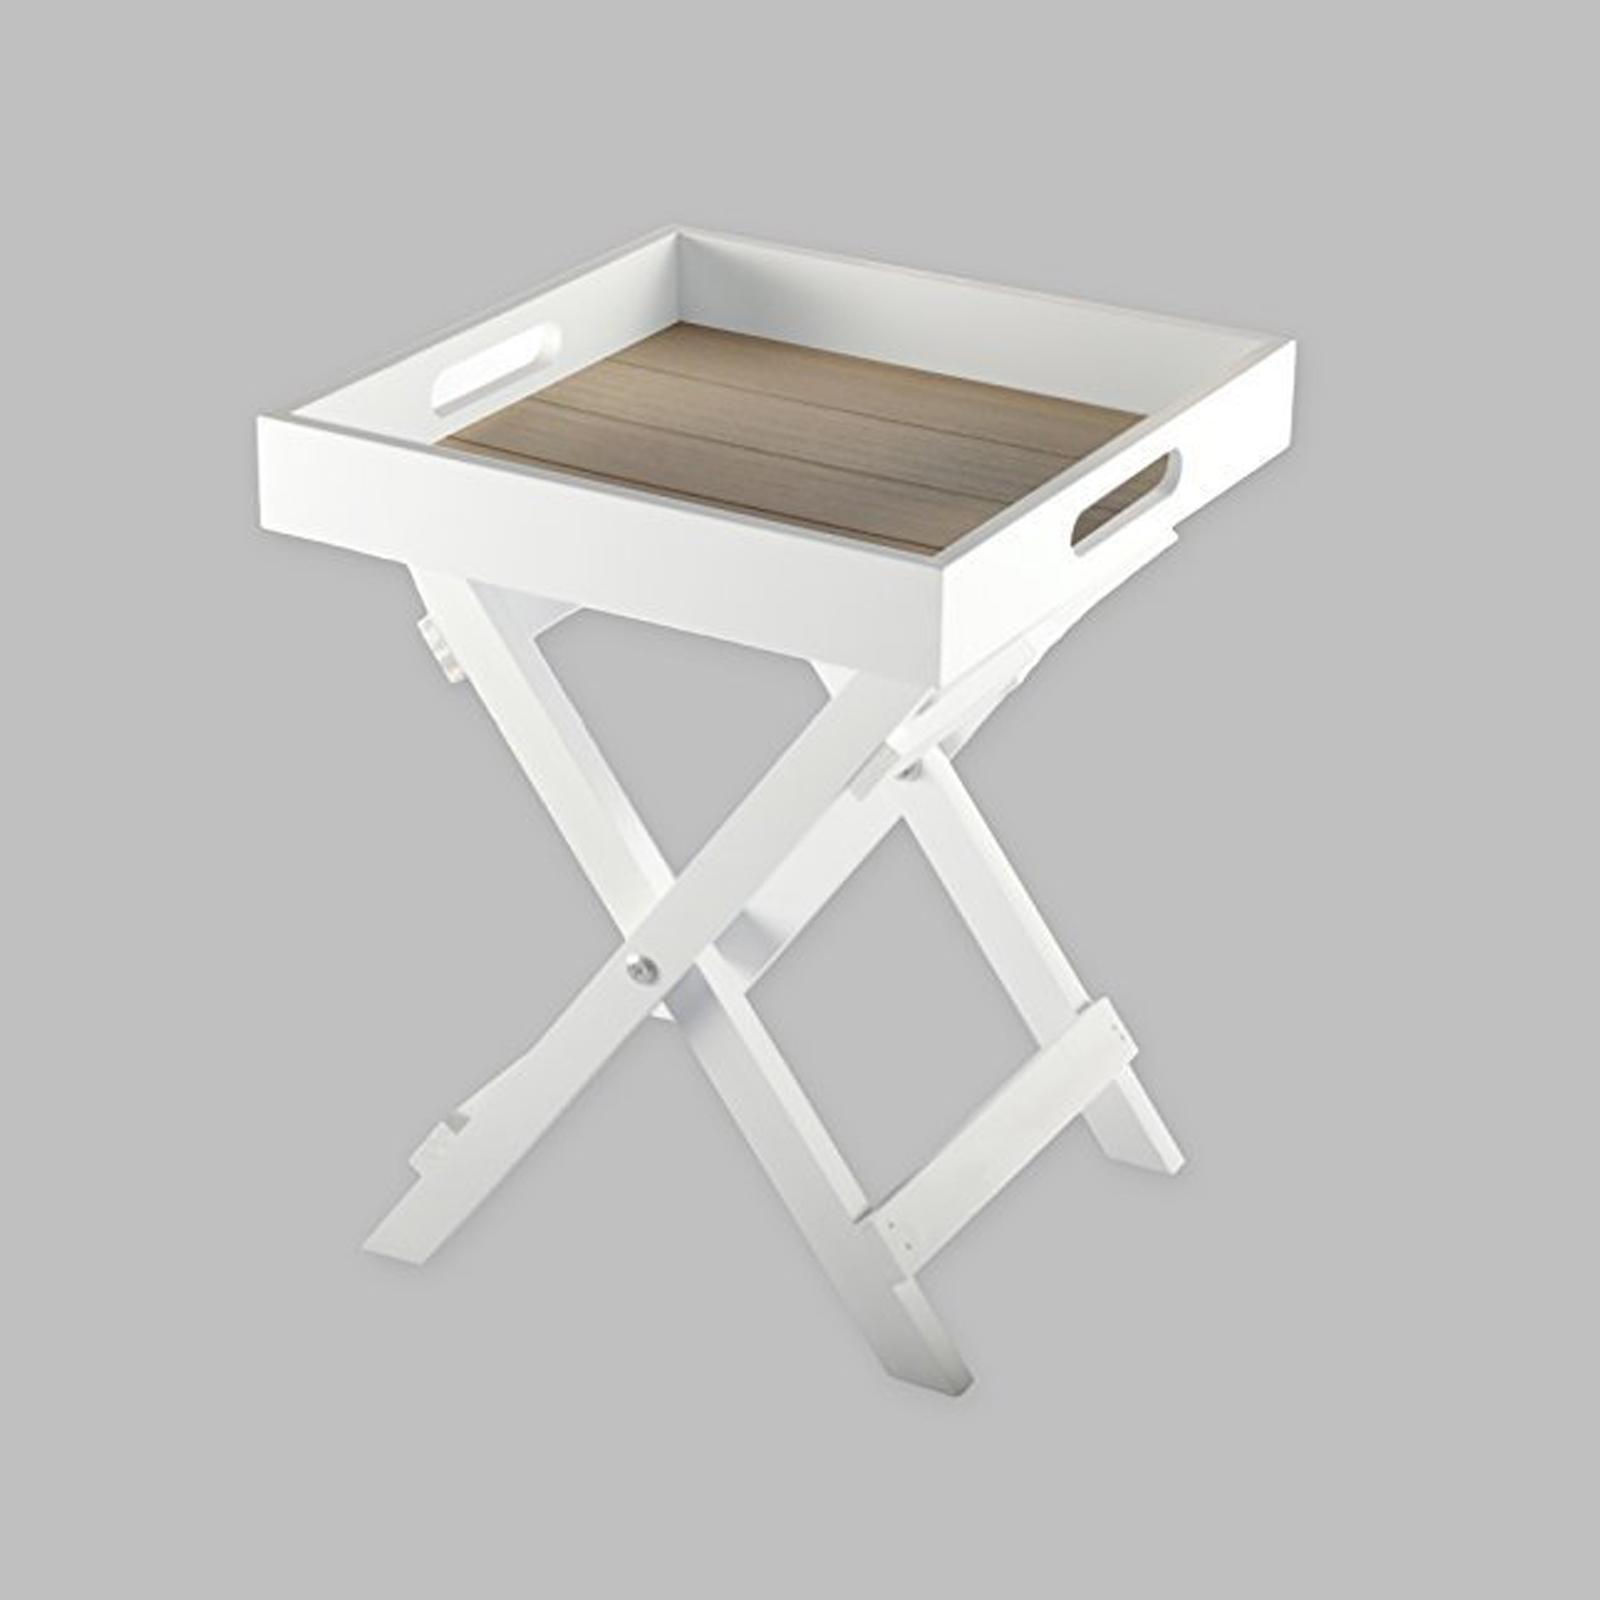 butlers tray tablett tisch beistelltisch shabby chic. Black Bedroom Furniture Sets. Home Design Ideas